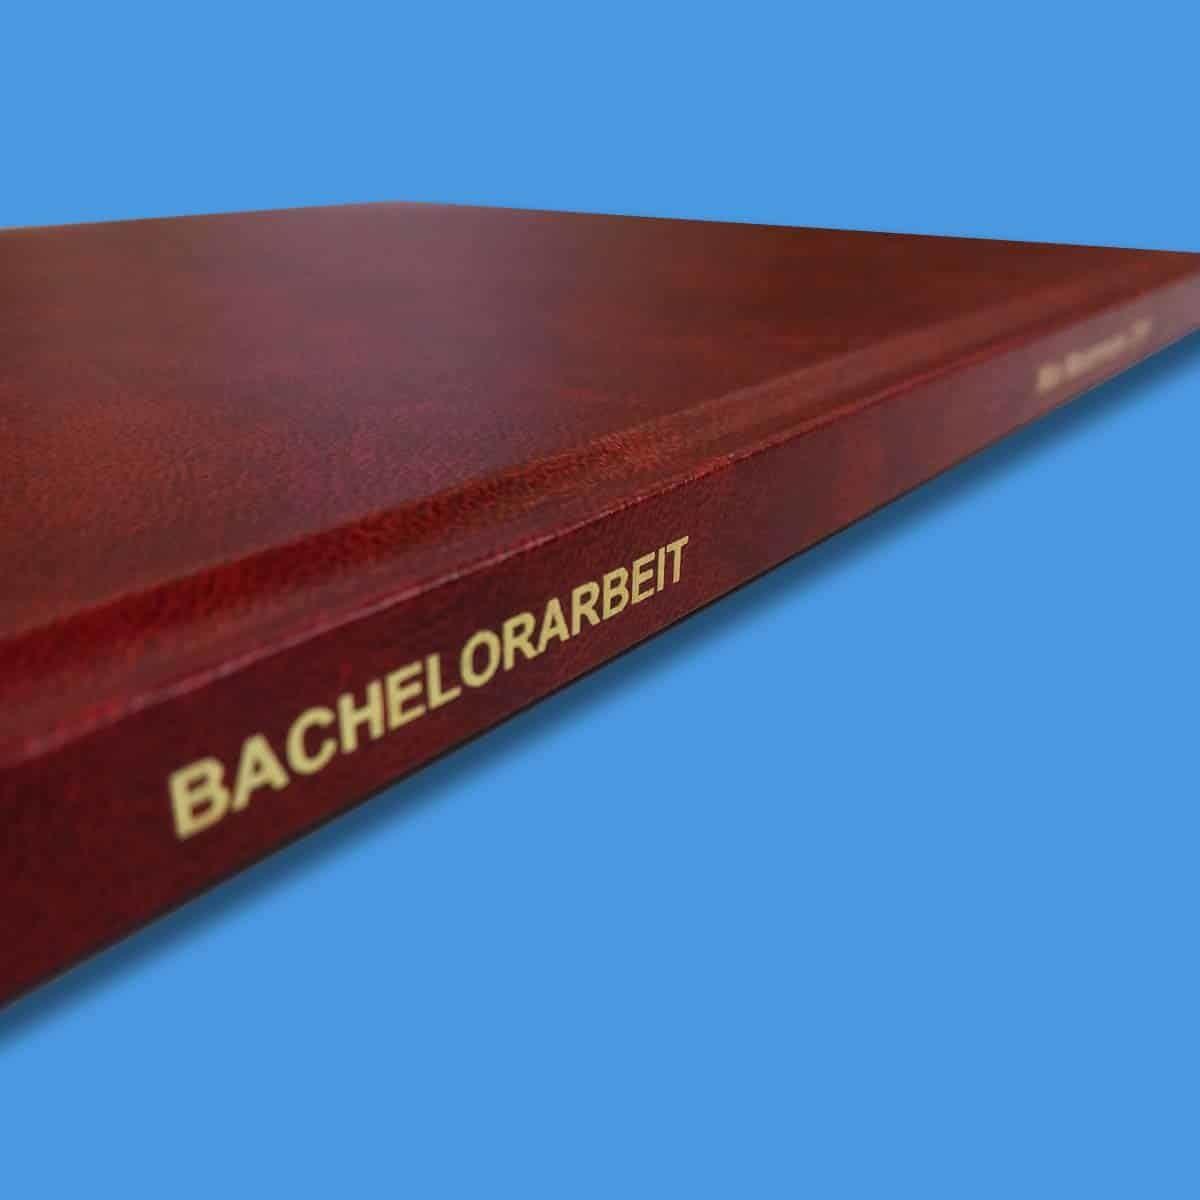 Unsere Hardcoverbindungen lassen sich mit einer Rückenbeschriftung versehen.